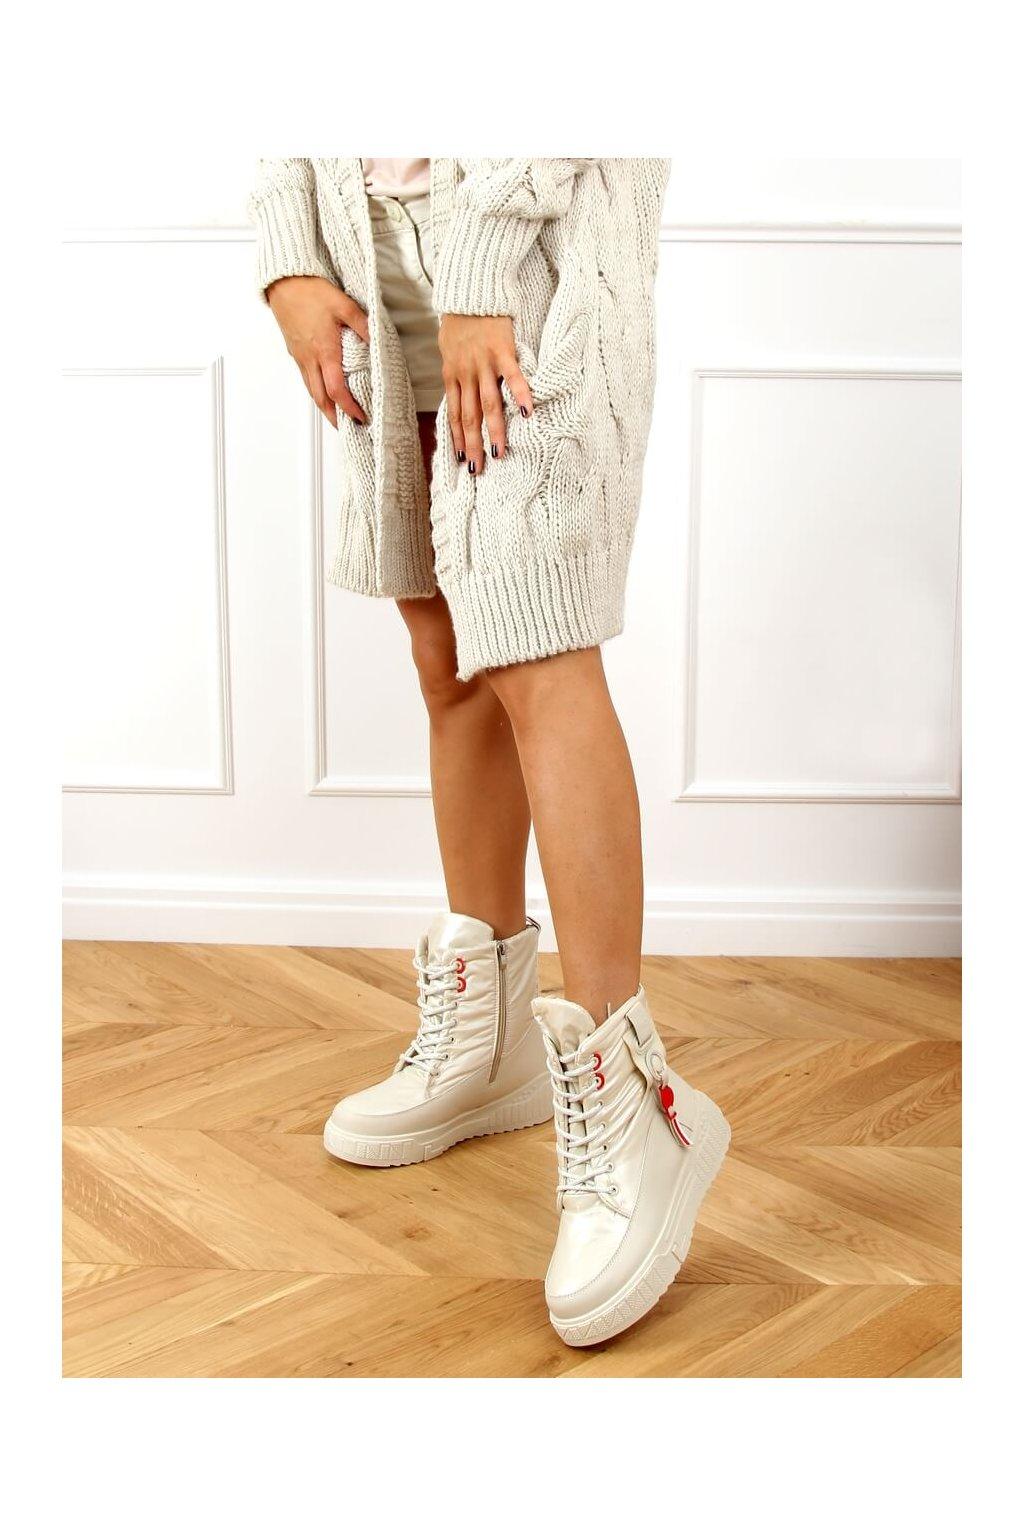 Dámske topánky na zimu hnedé NB509P